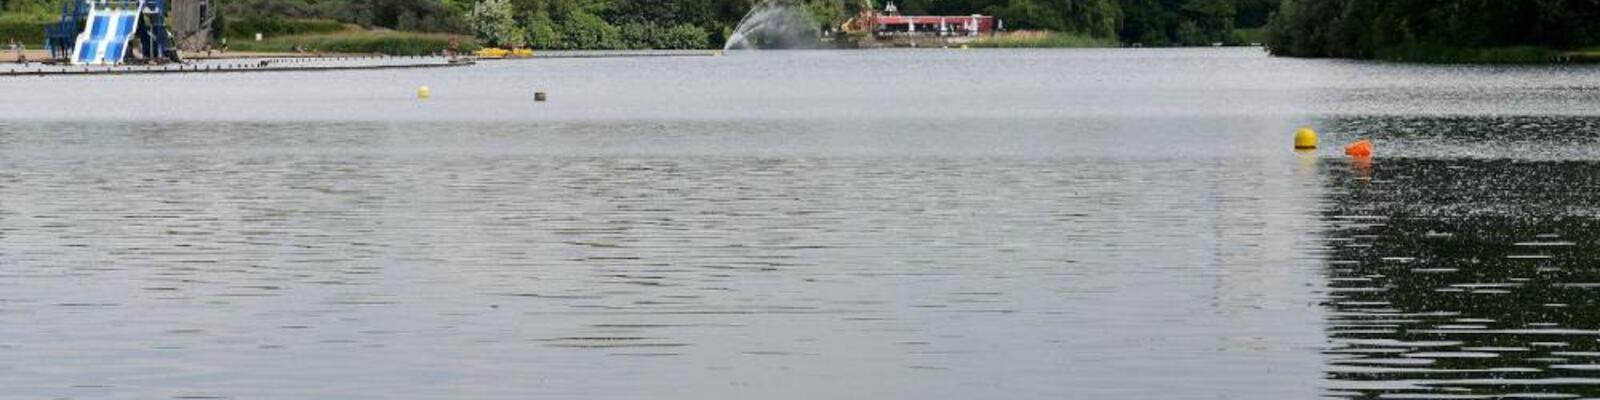 Afstandszwemmen in de Blaarmeersen